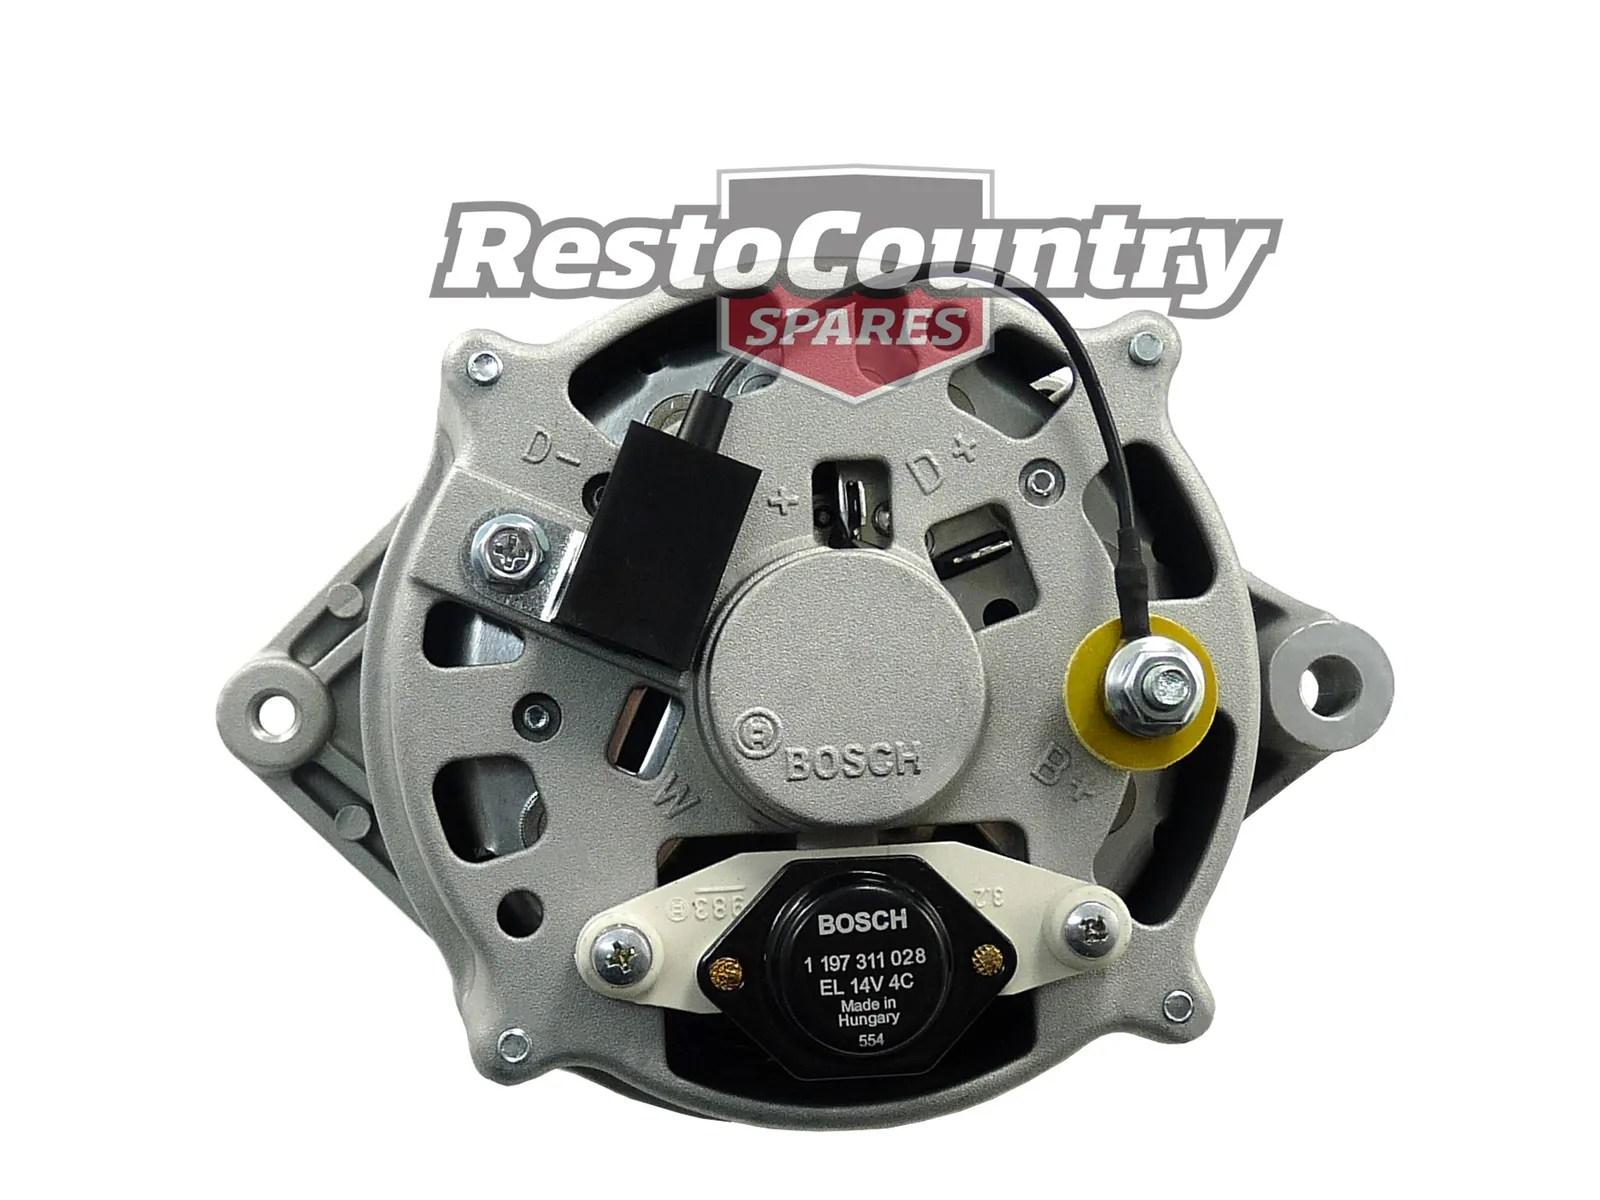 hight resolution of holden bosch alternator 70a v8 6 int regulator eh hd hr hk ht hg hqford xb